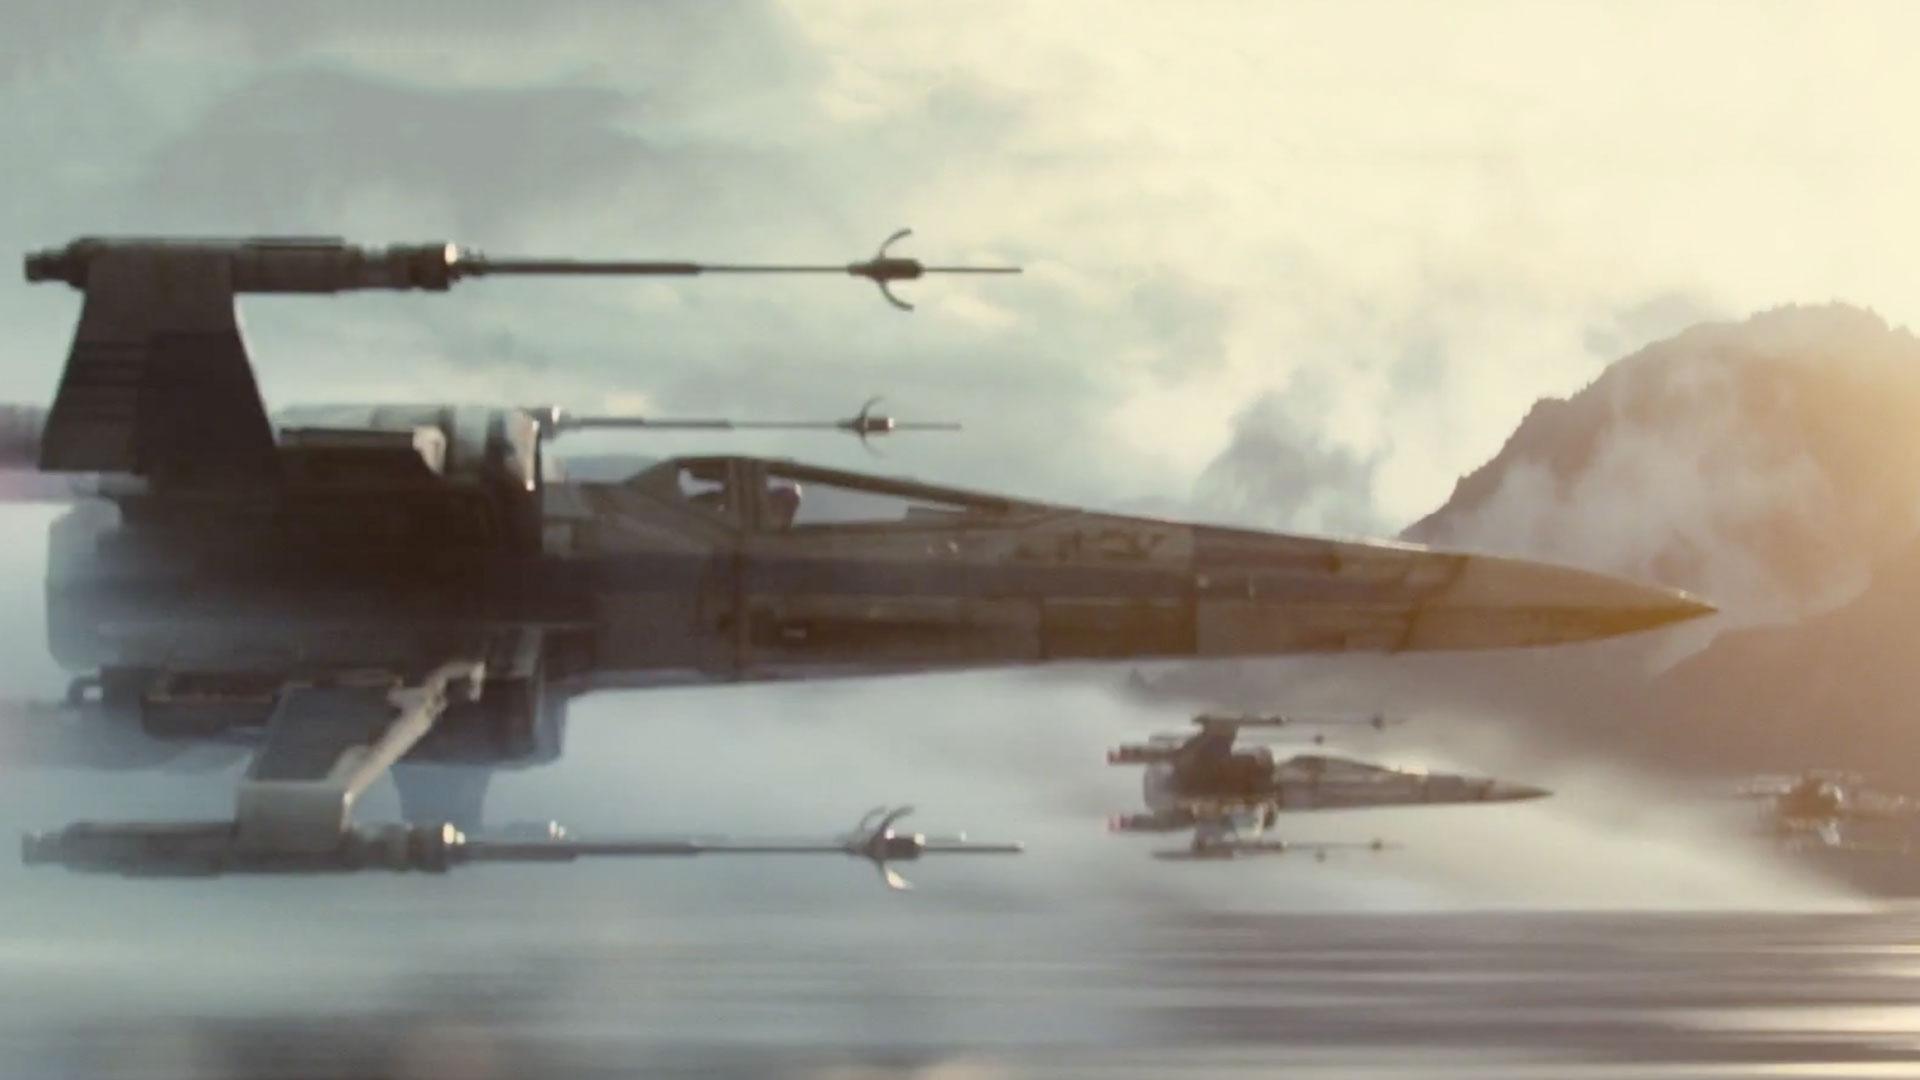 Star Wars The Force Awakens estreia em dezembro deste ano 1920x1080